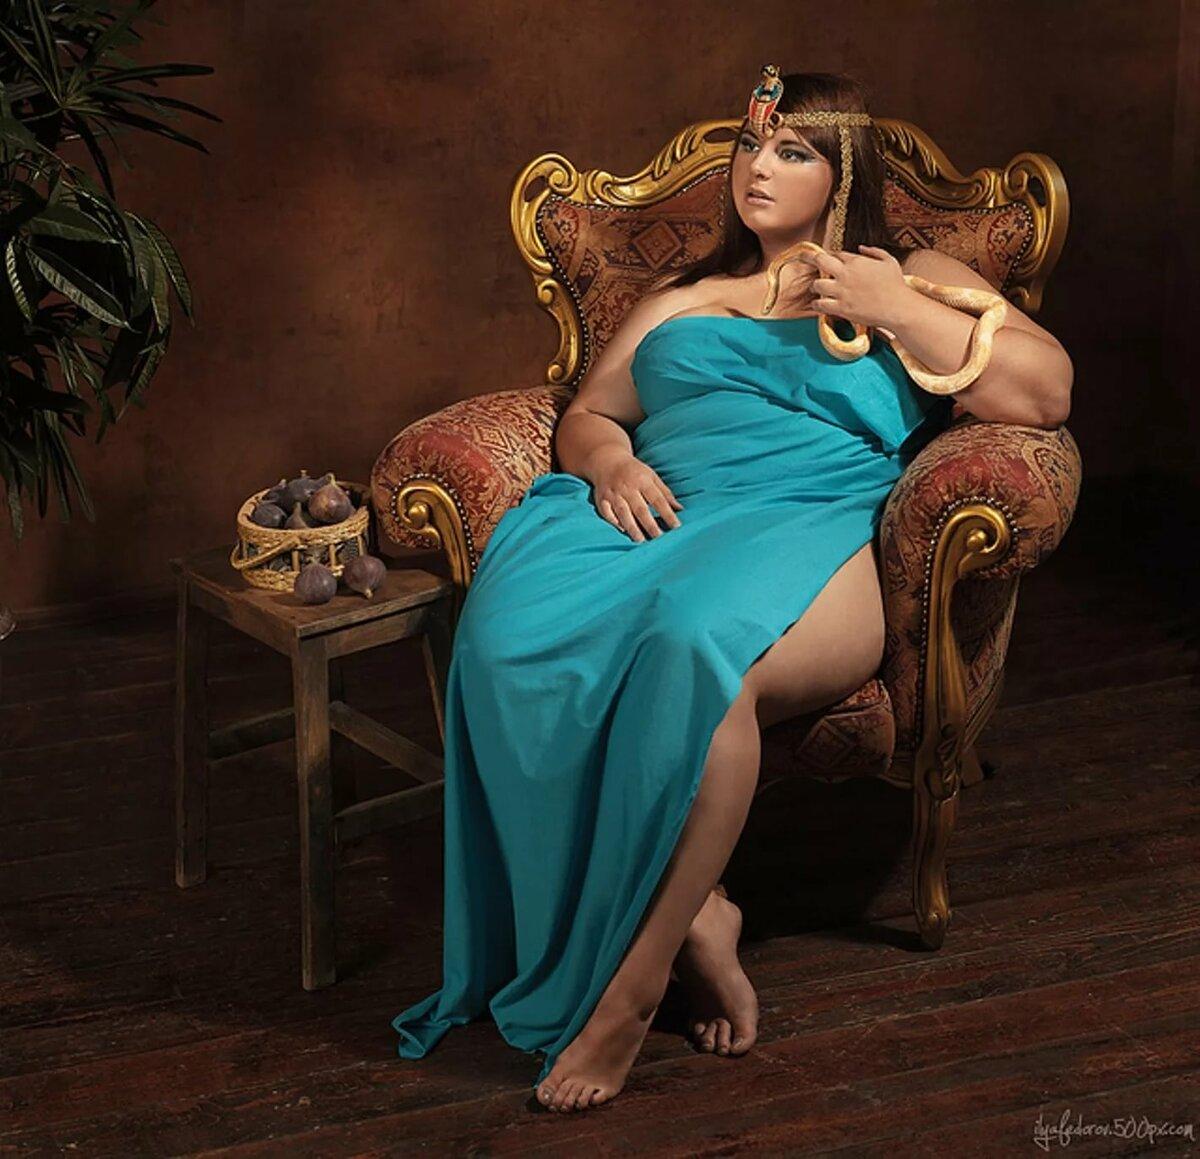 фотографии и картинки толстушек отлично подходит